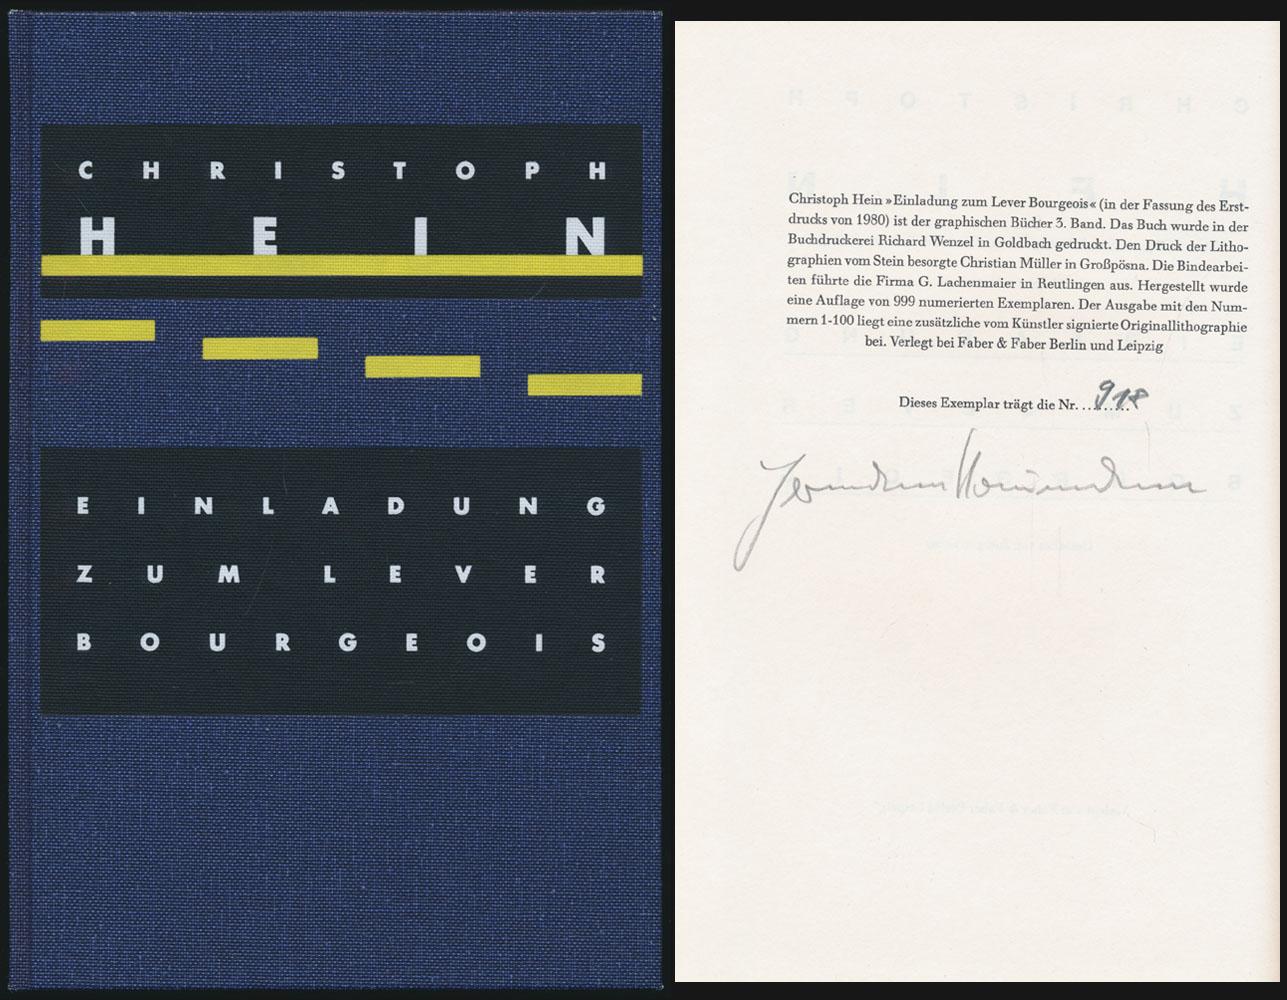 Einladung zum Lever Bourgeoise. [Signiertes Exemplar]. Mit: Hein, Christoph: